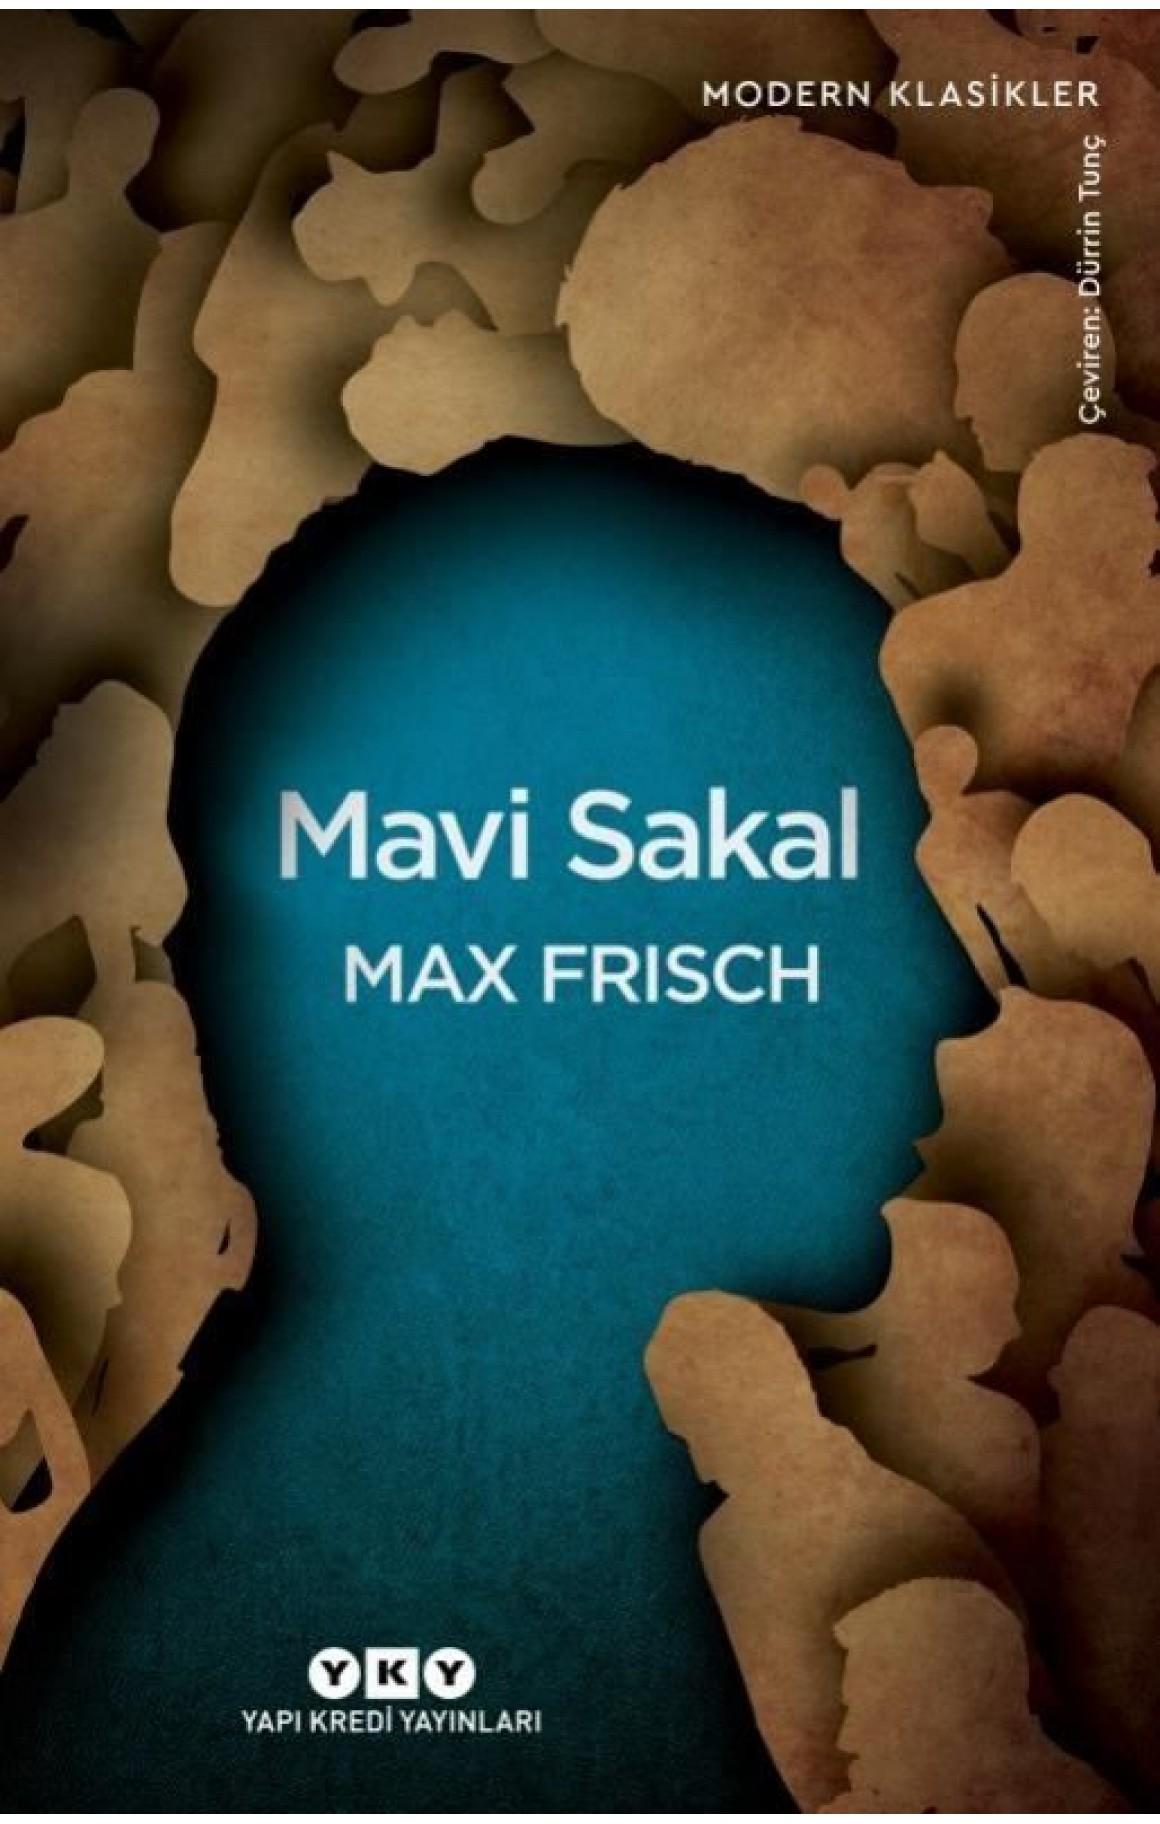 Mavi Sakal-Modern Klasikler